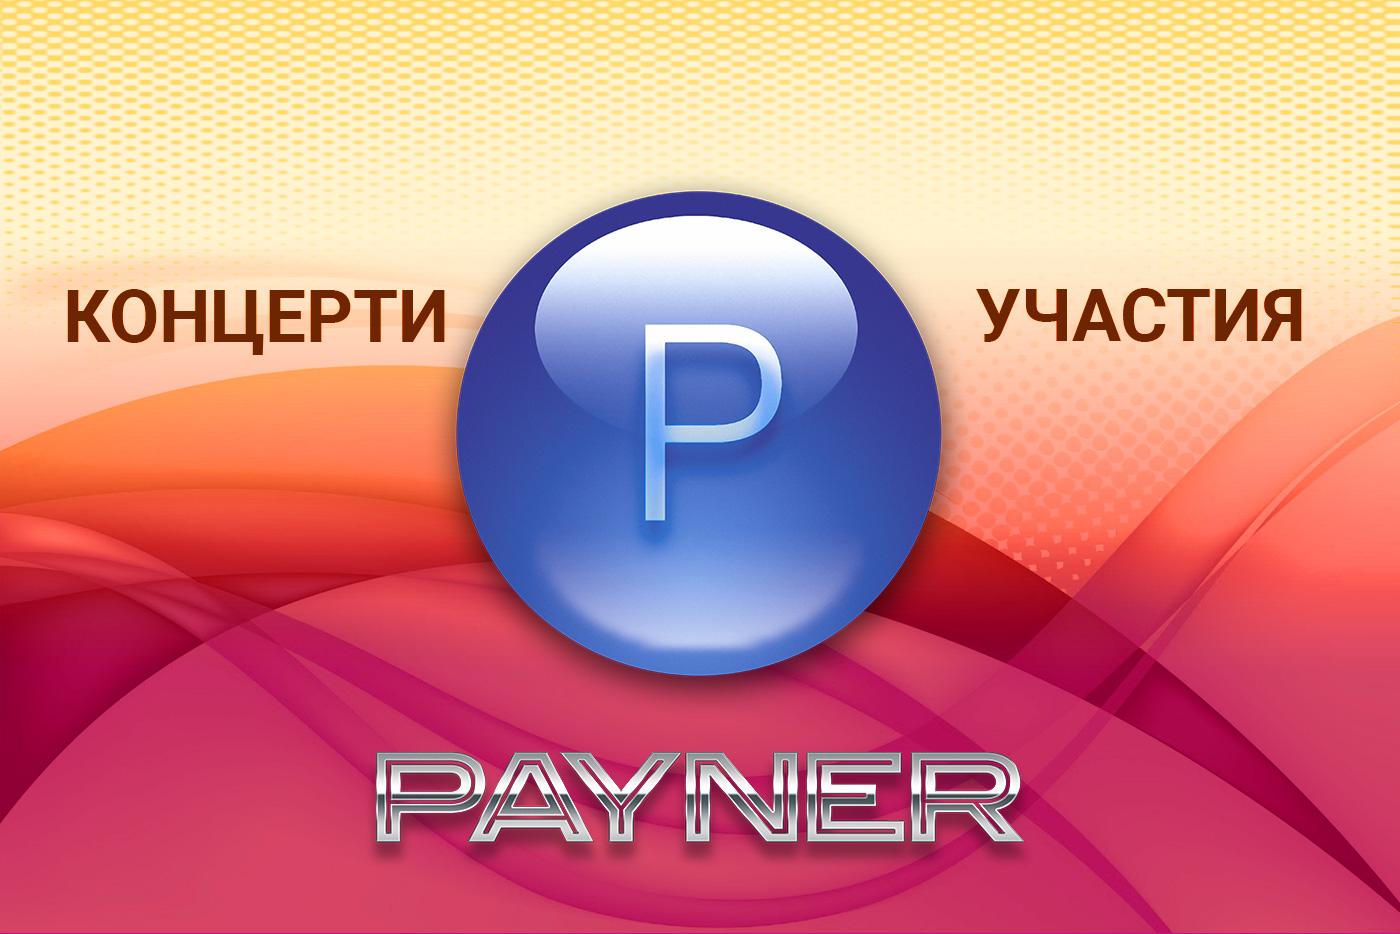 """Участия на звездите на """"Пайнер"""" на 18.08.2018"""